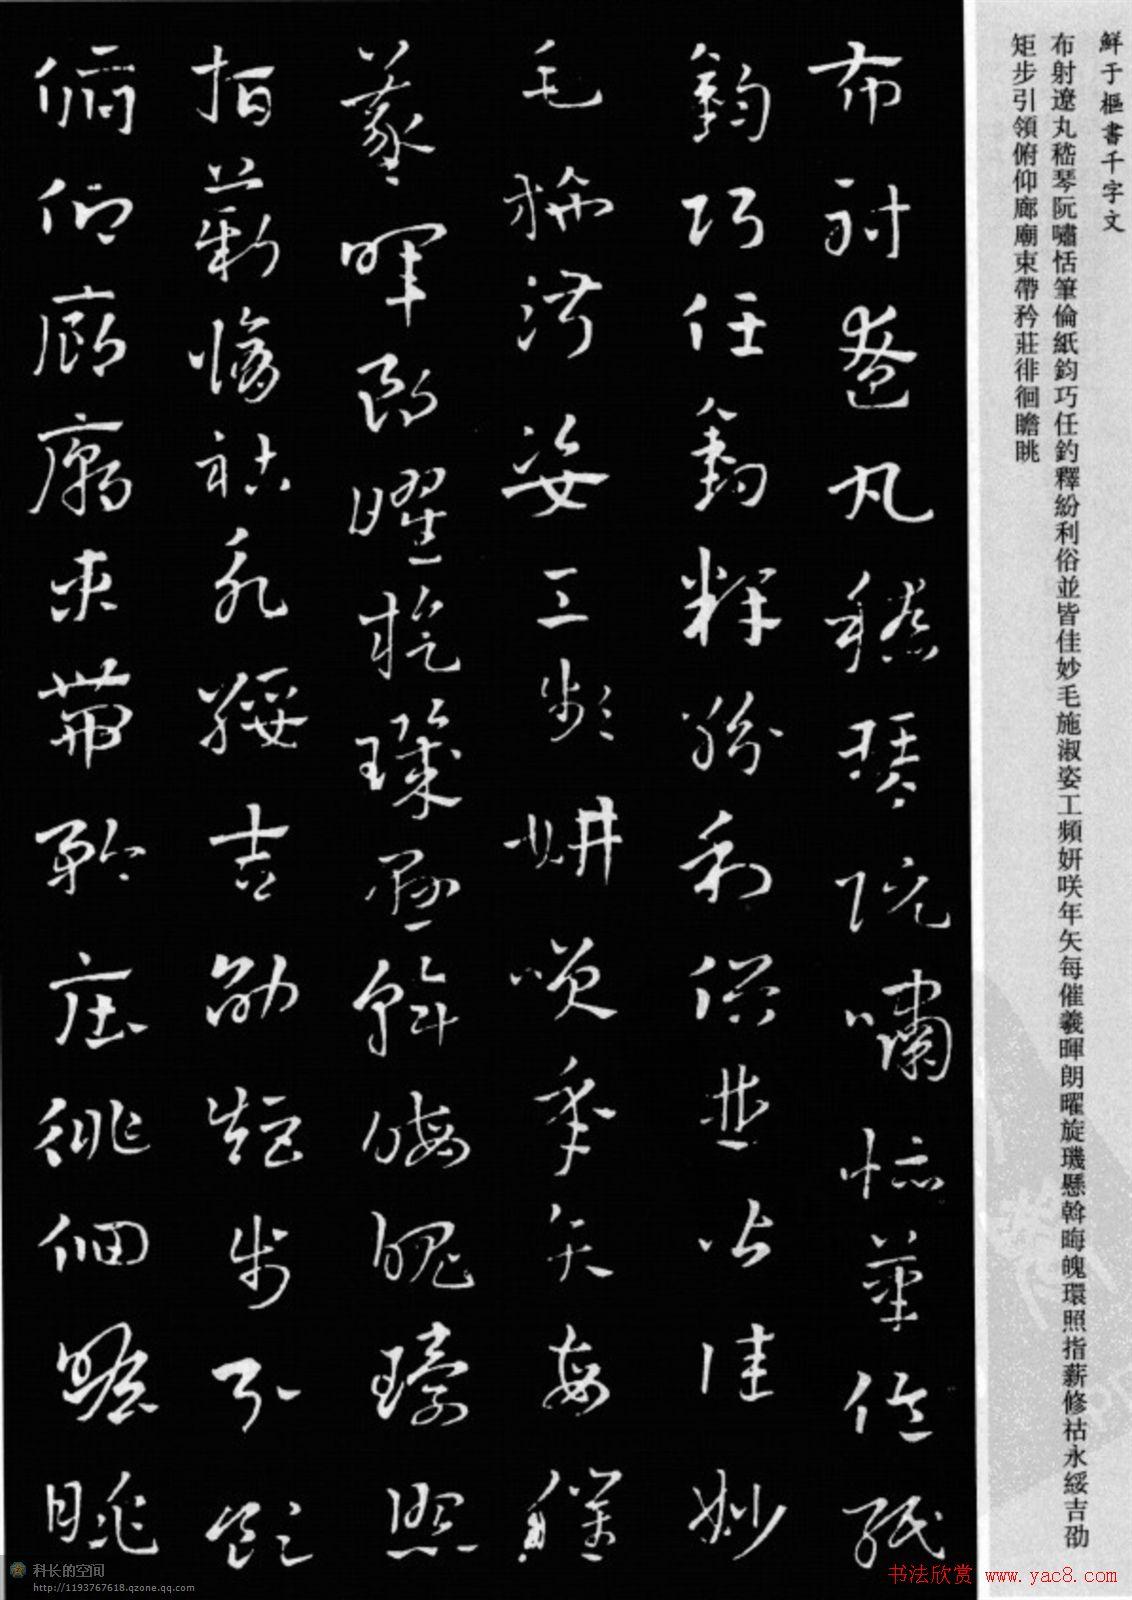 28字古诗毛笔作品_鲜于枢章草书法欣赏《千字文》大图 - 第14页 _草书字帖_书法欣赏